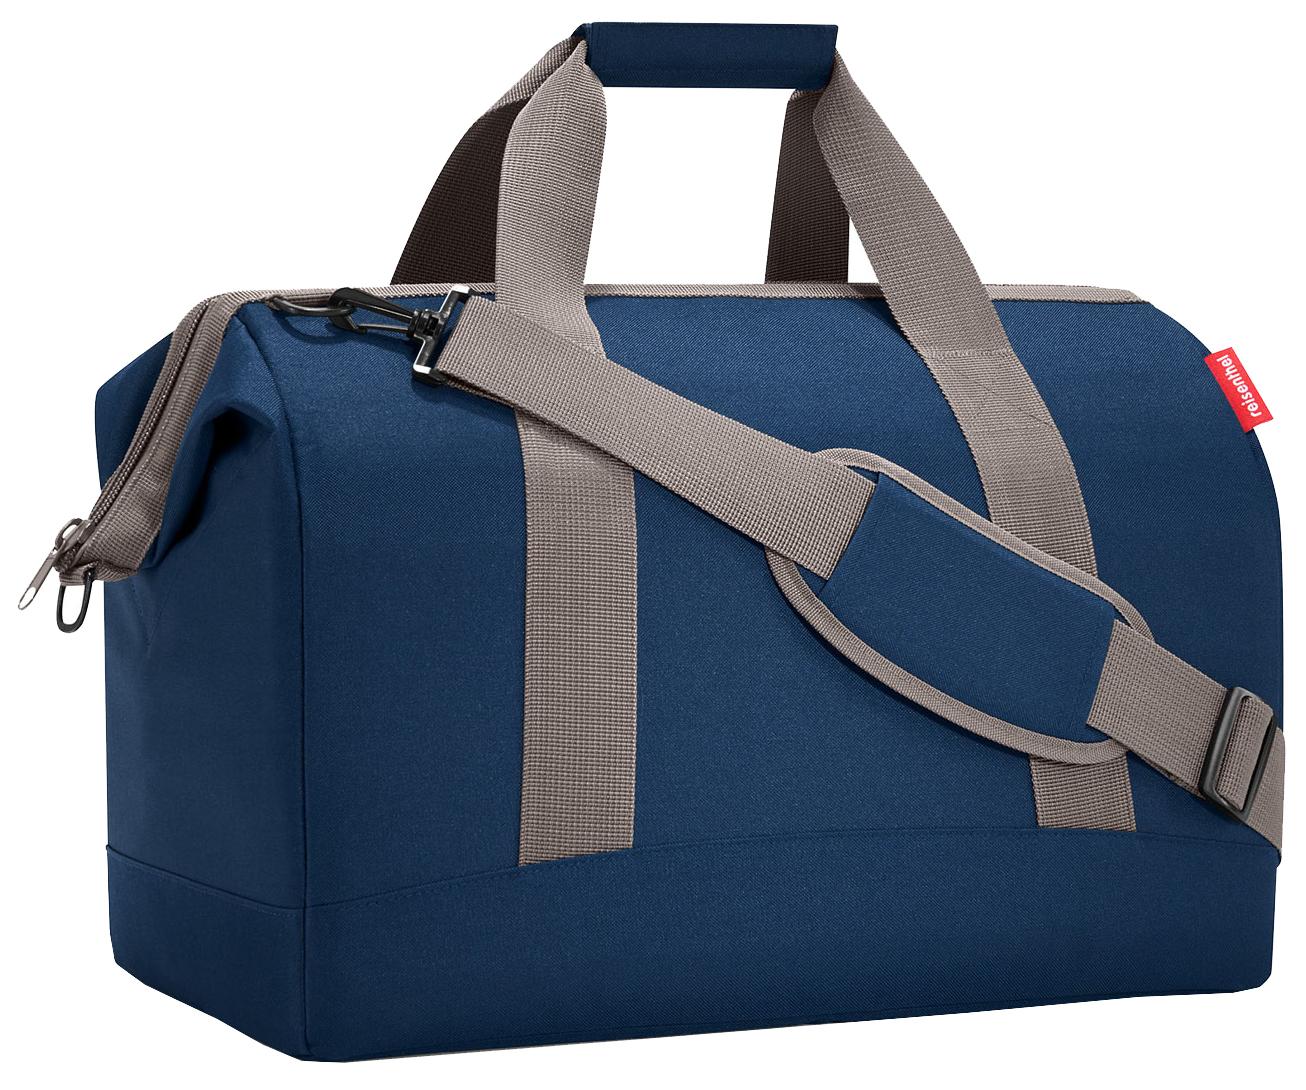 Дорожная сумка Reisenthel Allrounder Dark Blue 48 x 29 x 39,5 фото